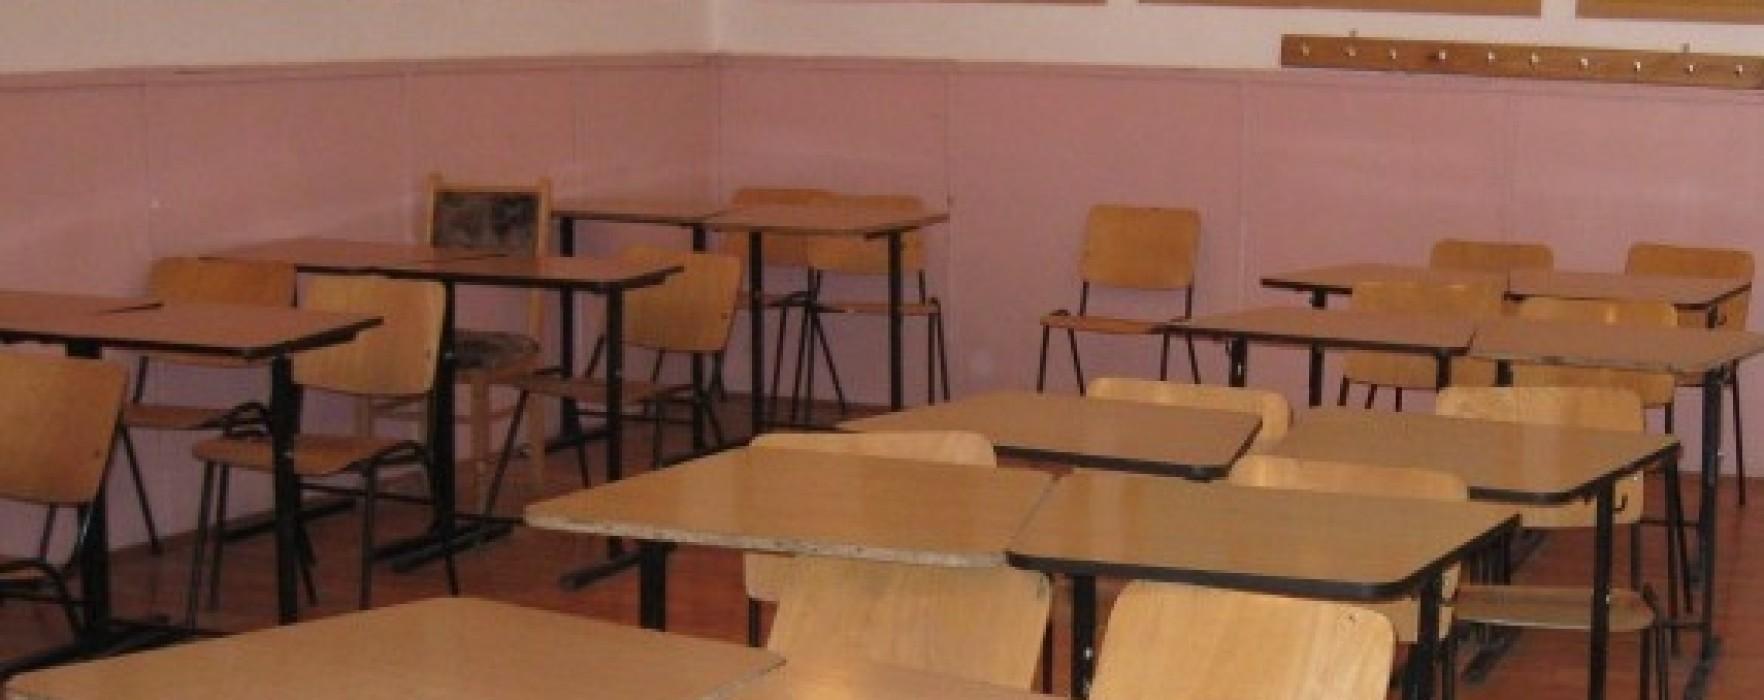 Cursuri suspendate în trei unităţi de învăţământ din Târgovişte